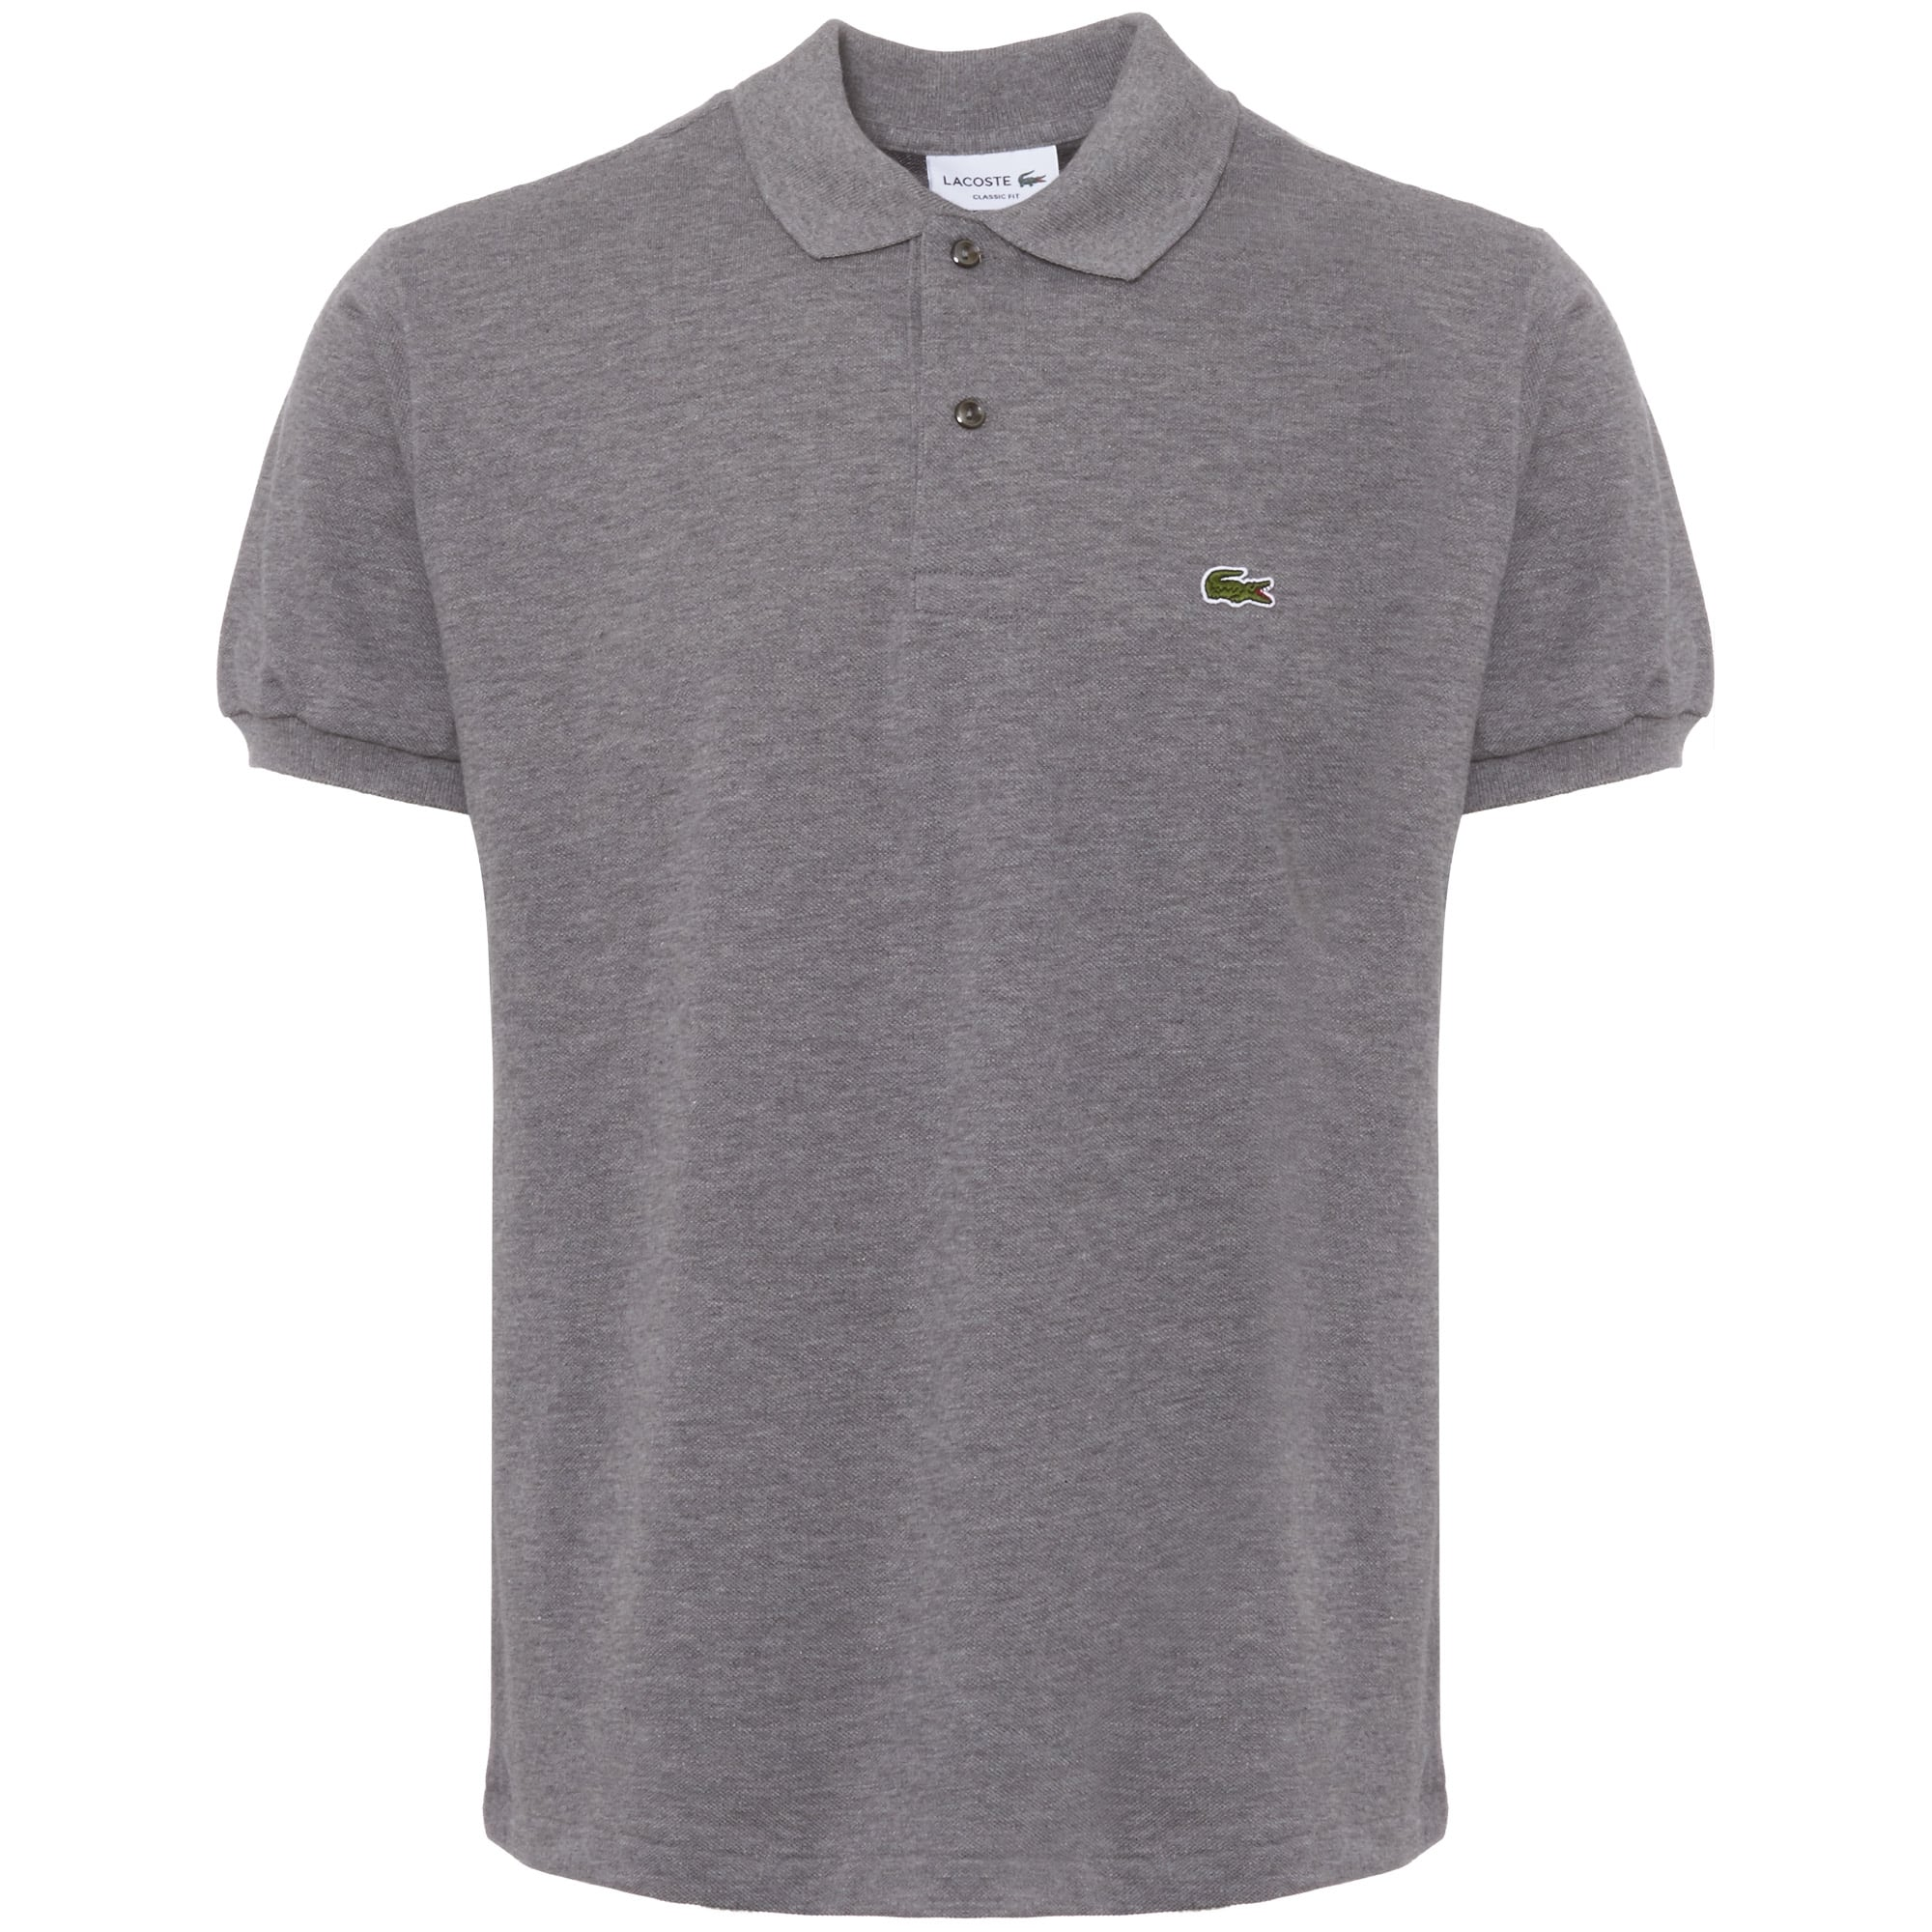 08fc3c83de01 Lacoste Pique SS Polo Shirt L1264 00 SVY